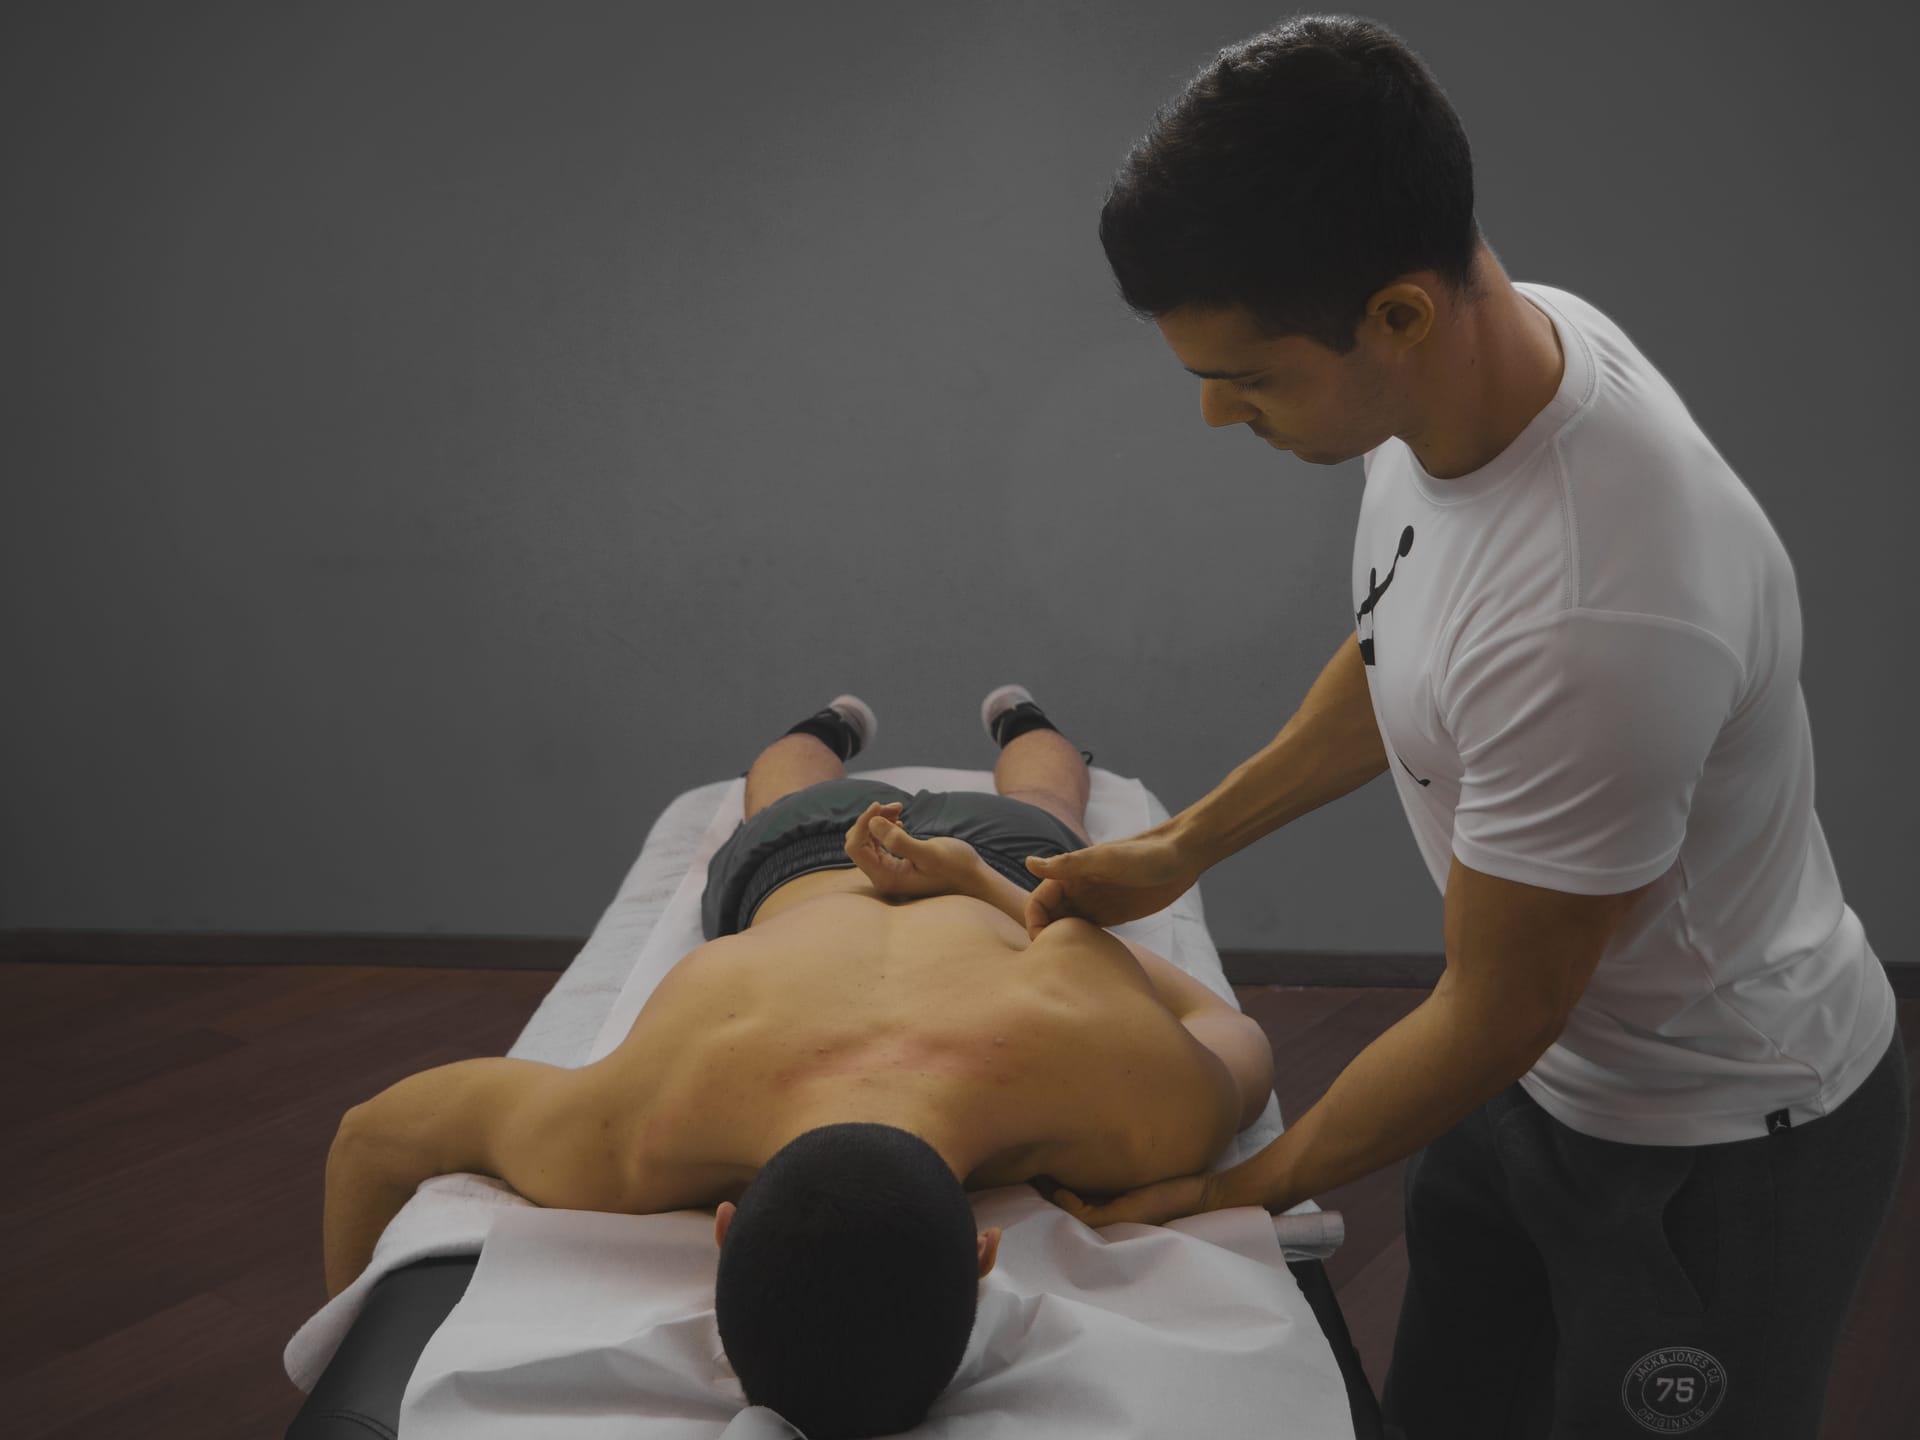 Mattia Santinello massaggiatore specializzato e certificato